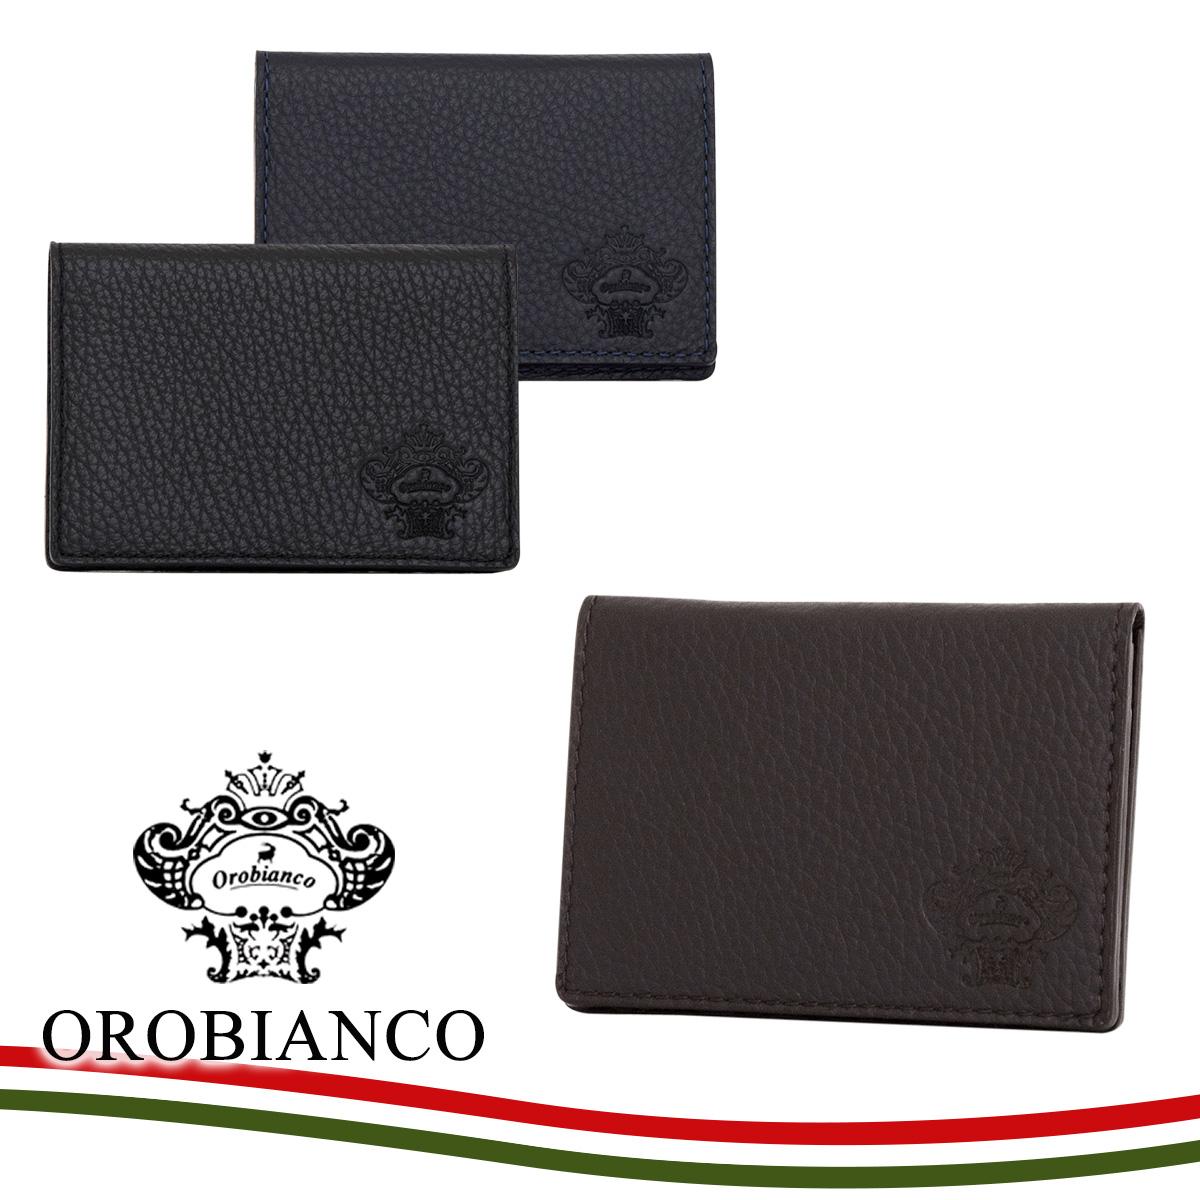 オロビアンコ OROBIANCO パスケース ORPA-003 【 IDケース カードケース 定期入れ メンズ 】【PO10】